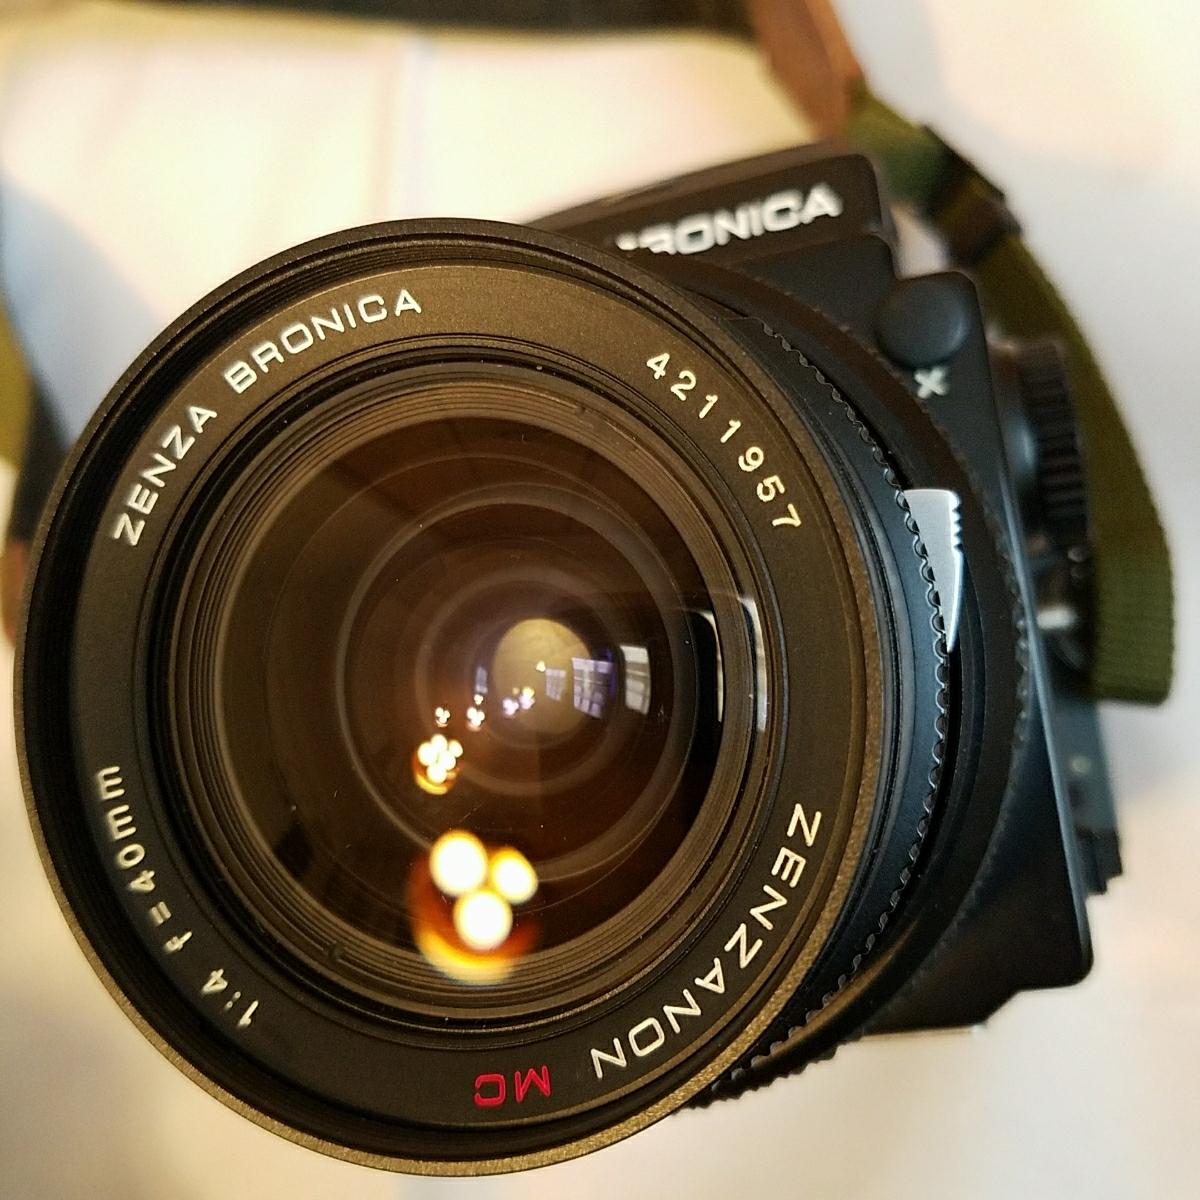 ブロニカ ZENZA BRONICA ETRS 40mm 4 レンズ付き_画像8